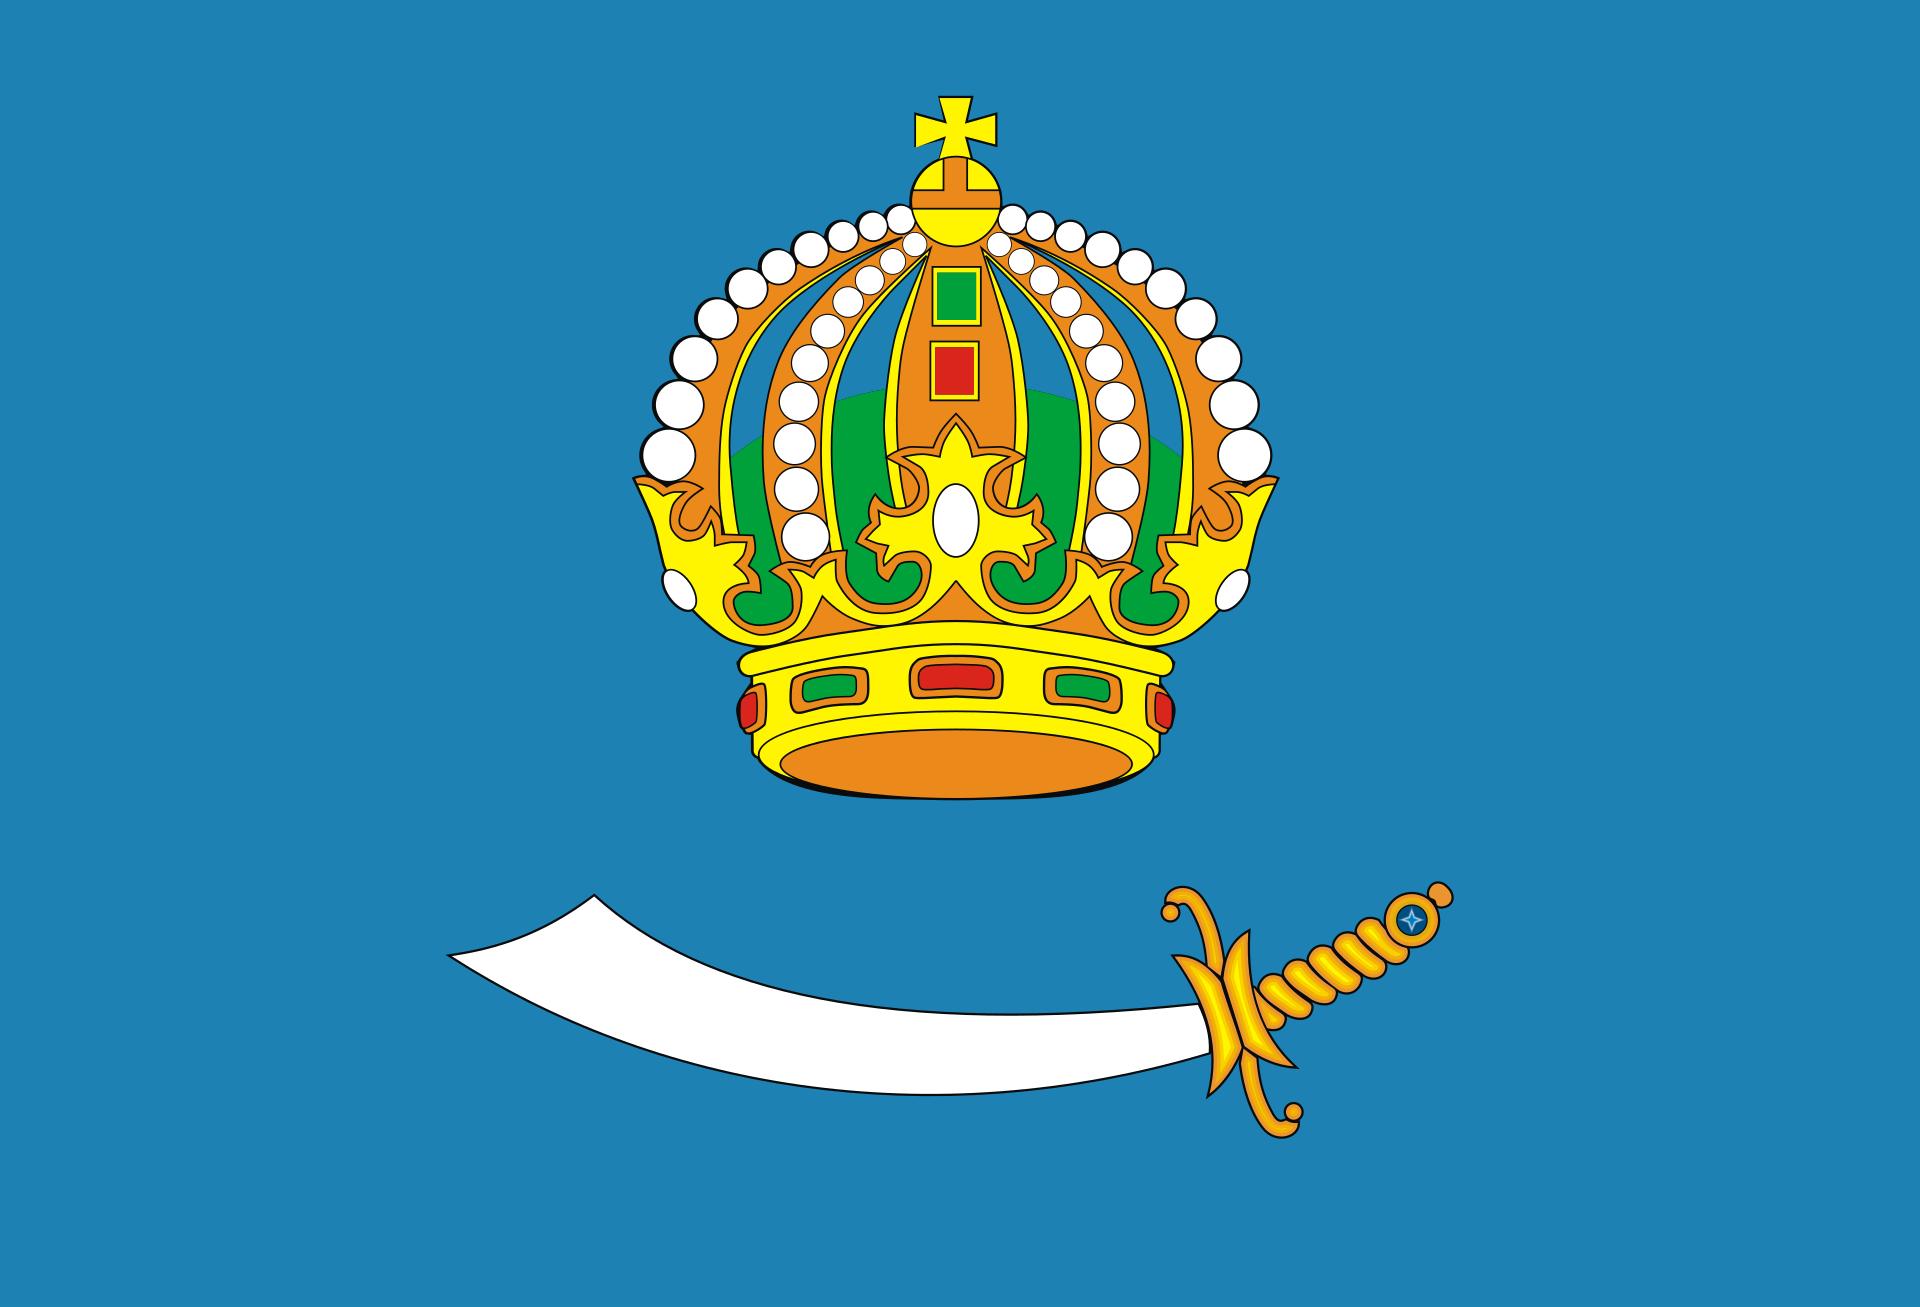 Астраханская область (2002)